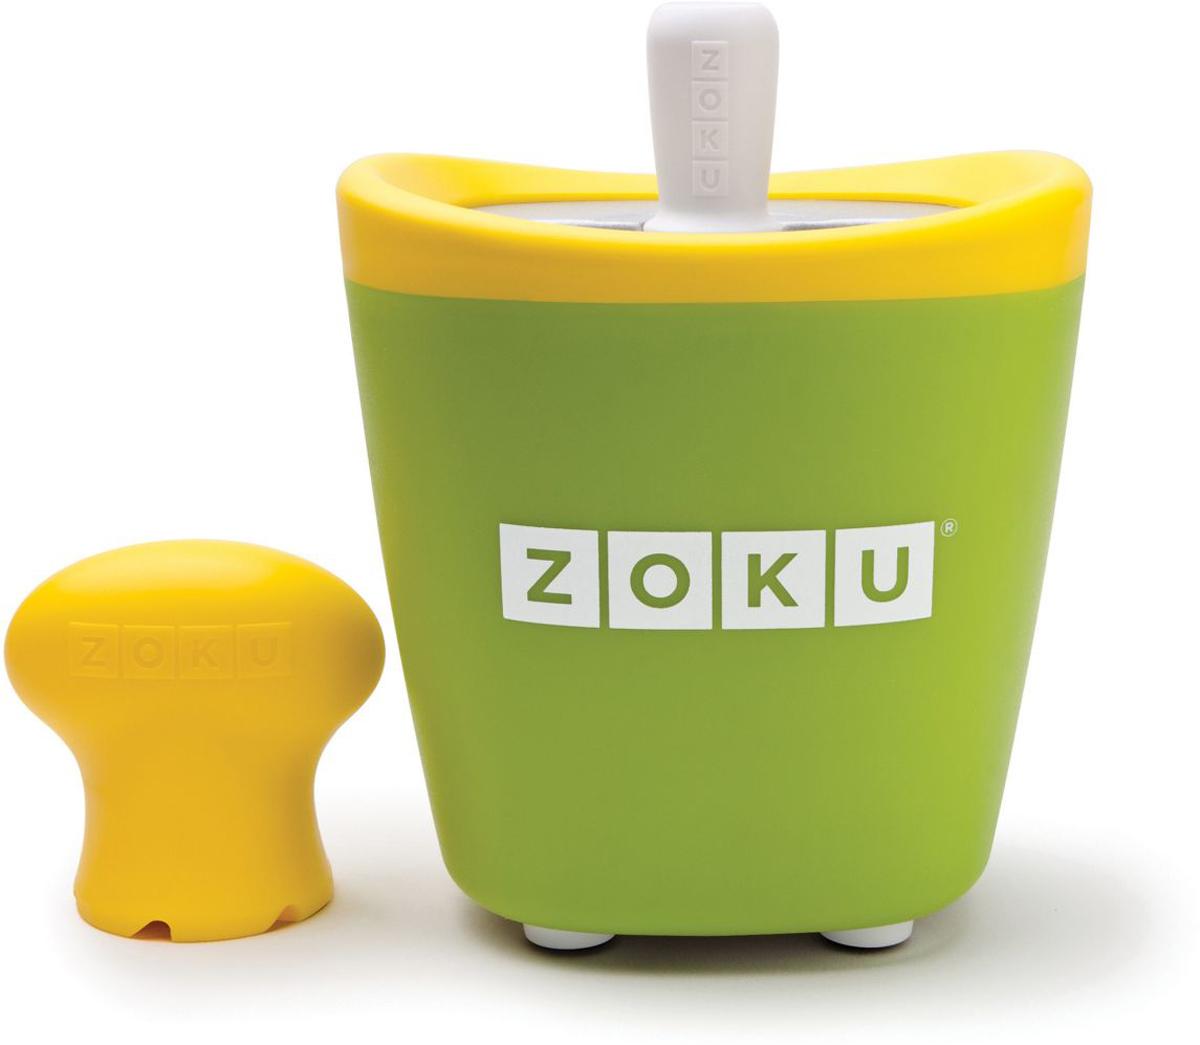 Набор для приготовления мороженого Zoku Single Quick Pop Maker, цвет: зеленый, 60 млZK110-GNС компактной и удобной формой Quick Pop Maker можно приготовить домашний фруктовый лед из полностью натуральных ингредиентов. Внабор помимо формы для мороженого входят три палочки, а к ним три небольших поддона для капель и съемная насадка. Как использовать: 1. Поместите пустую форму в морозильную камеру на 24 часа. Форма должна быть абсолютно сухой и располагаться вертикально. 2. Через сутки вытащите форму из морозилки и вставьте в нее палочки. Залейте охлажденный сок в емкость до отметки. Через 7-10 минутфруктовый лед готов. 3. Поместите съемную насадку на палочку и закрутите по часовой стрелке до упора. Когда ручка начнет свободно крутиться, смените направлениеи откручивайте против часовой стрелки, чтобы вытащить мороженое из формы.Объем емкости - 60 мл. Форма не содержит вредных примесей и бисфенола-А. Устройство работает без электричества и позволяет приготовитьдо 3 порций от одной заморозки. Моется вручную. Не используйте простую и газированную воду или полностью пресные напитки без сахара в приборе Quick Pop. В результате использования водыили напитков без сахара будет крайне тяжело достать продукт из прибора, а также можно повредить насадку или палочку.